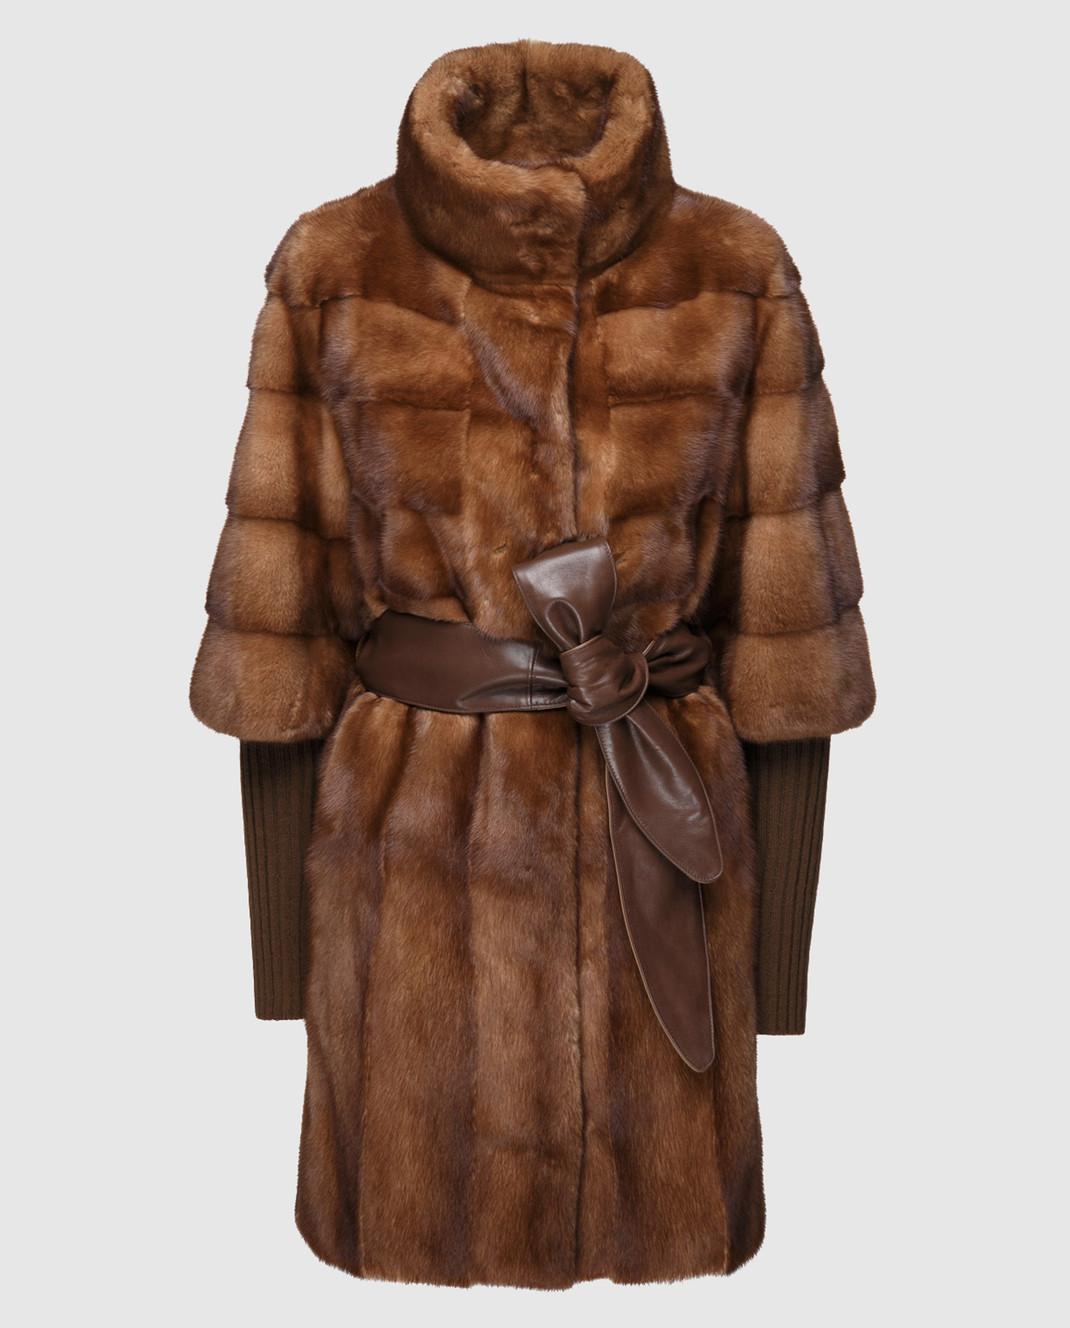 Florence Mode Коричневая шуба из меха норки с поясом и митенками изображение 1